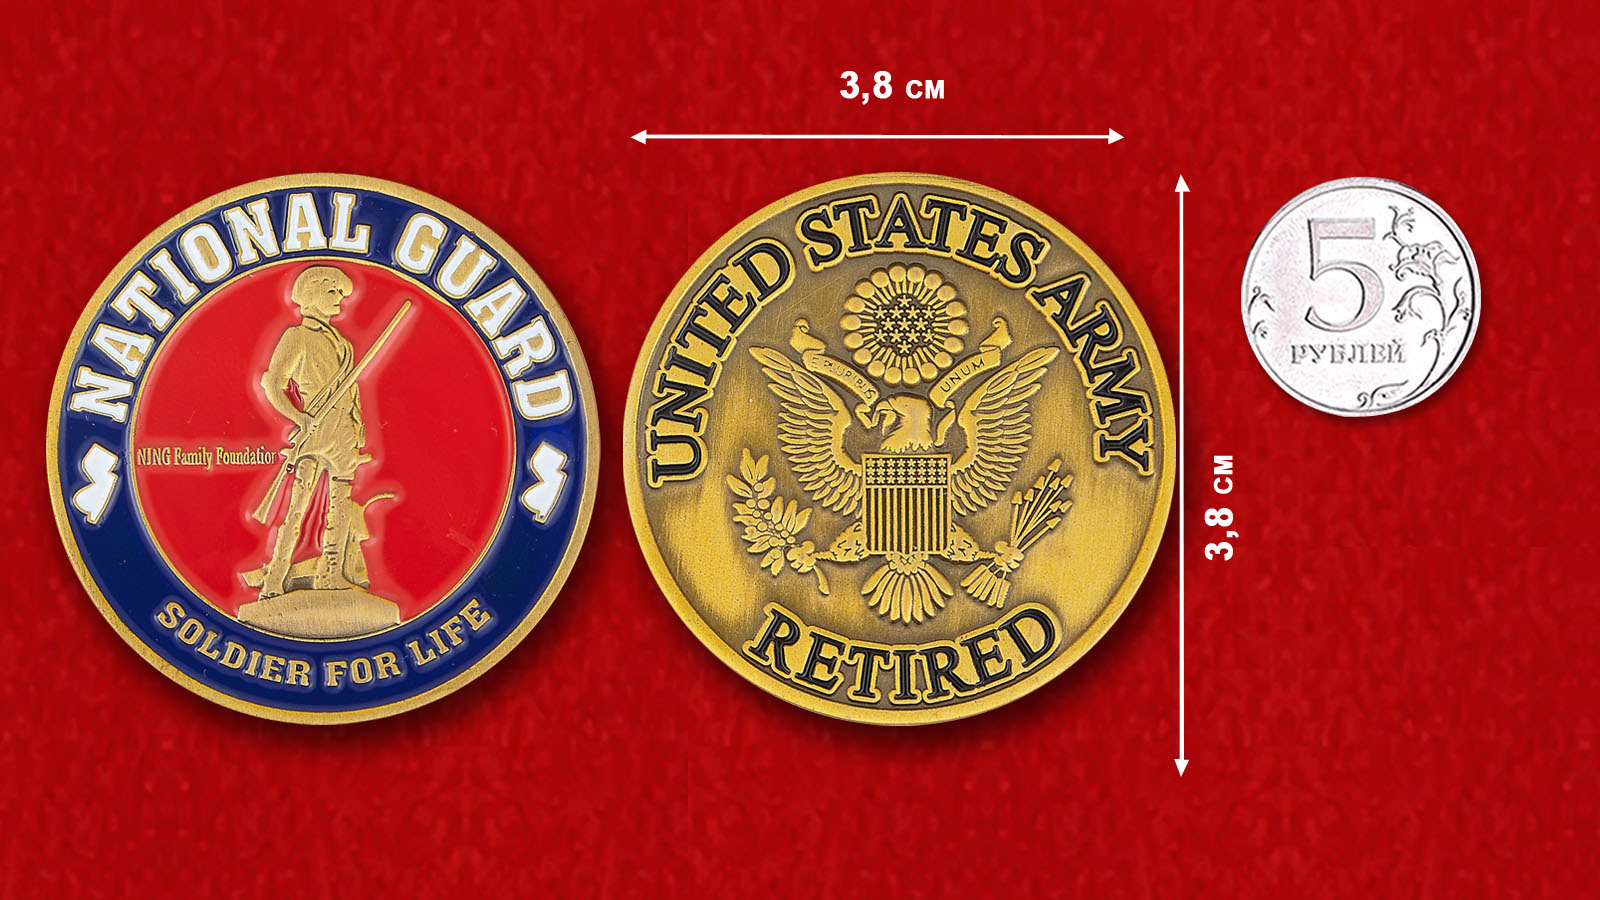 Челлендж коин Объединения военнослужащих Национальной гвардии США в отставке - сравнитеьный размер